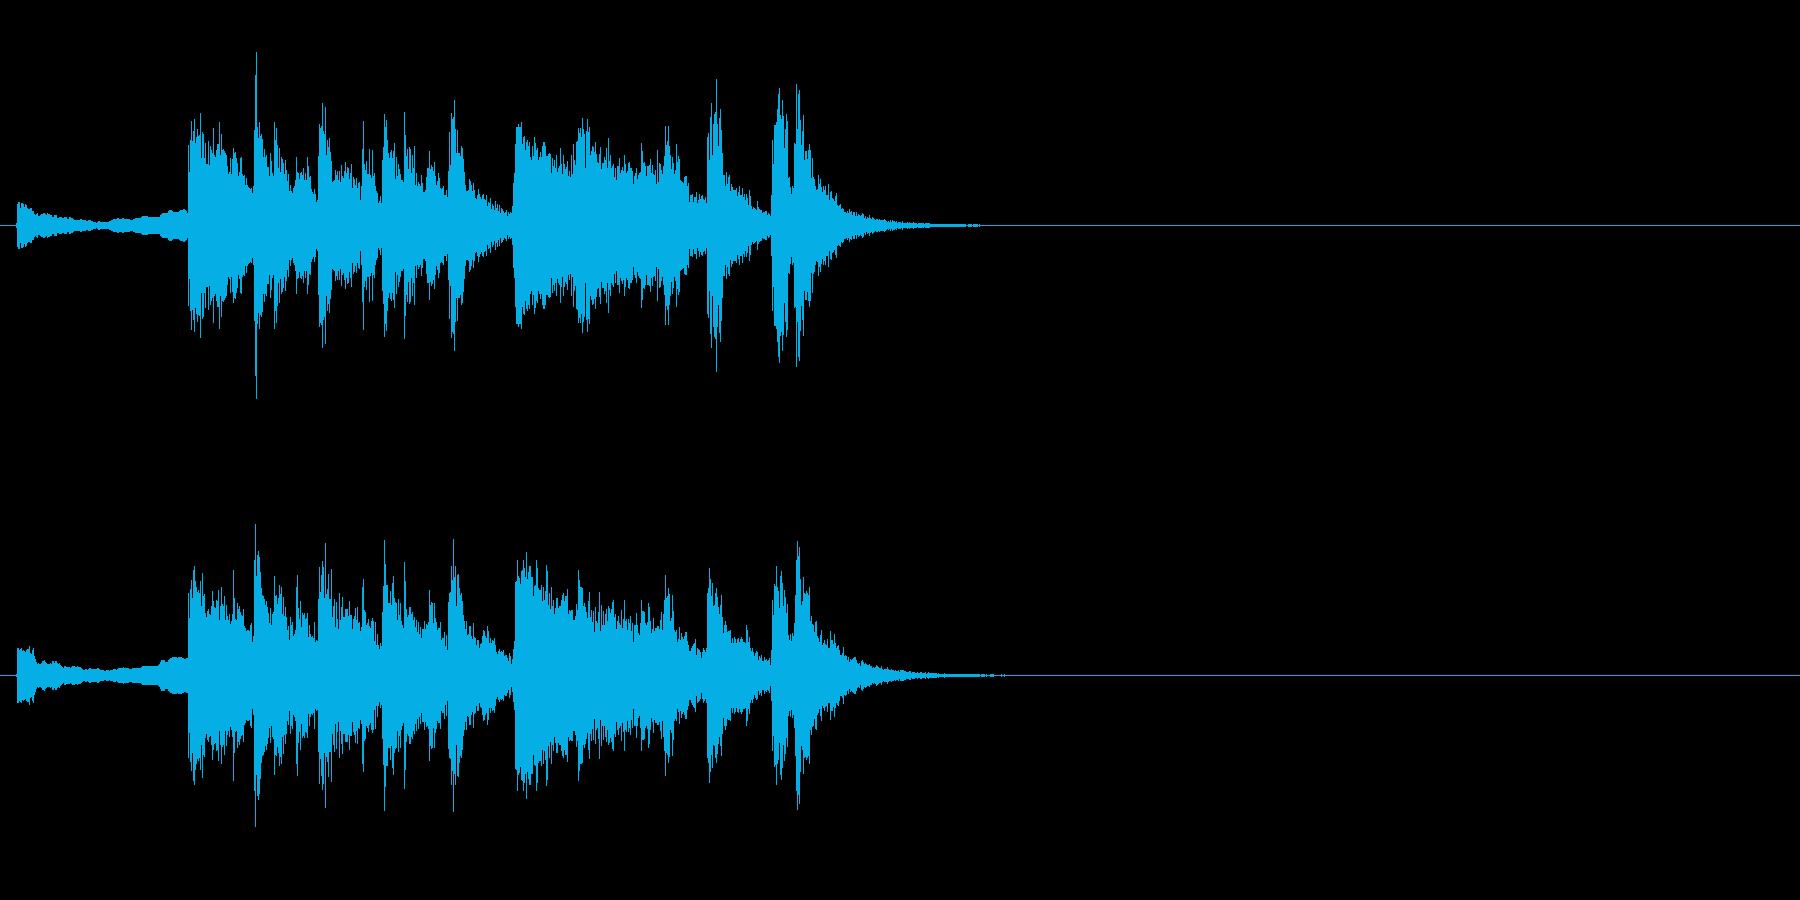 ファンファーレ系ジングルの再生済みの波形